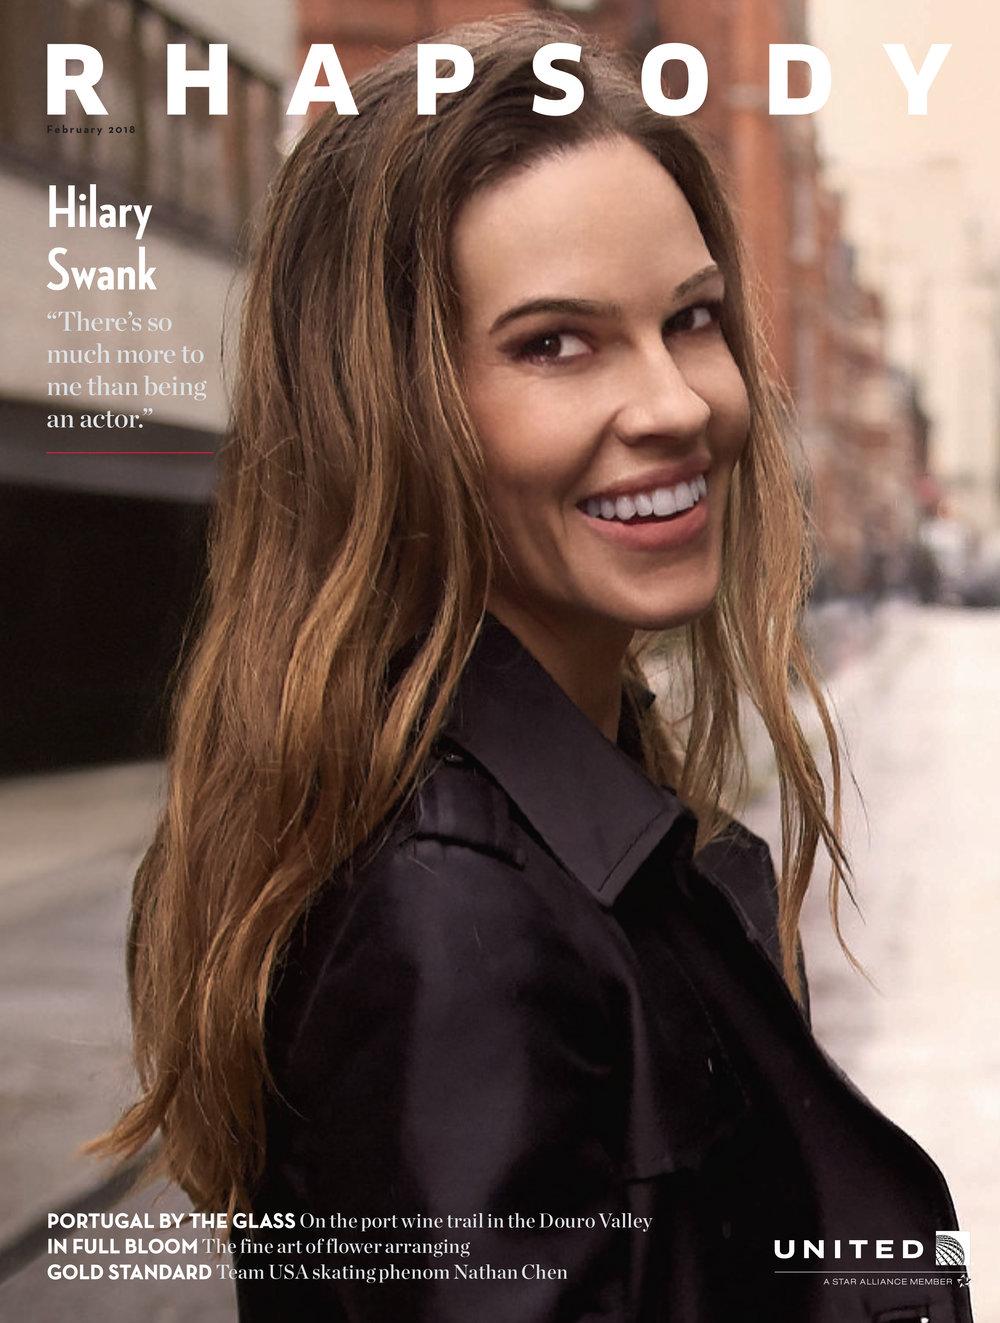 RhapsodyMagazine_Feb18-1.jpg